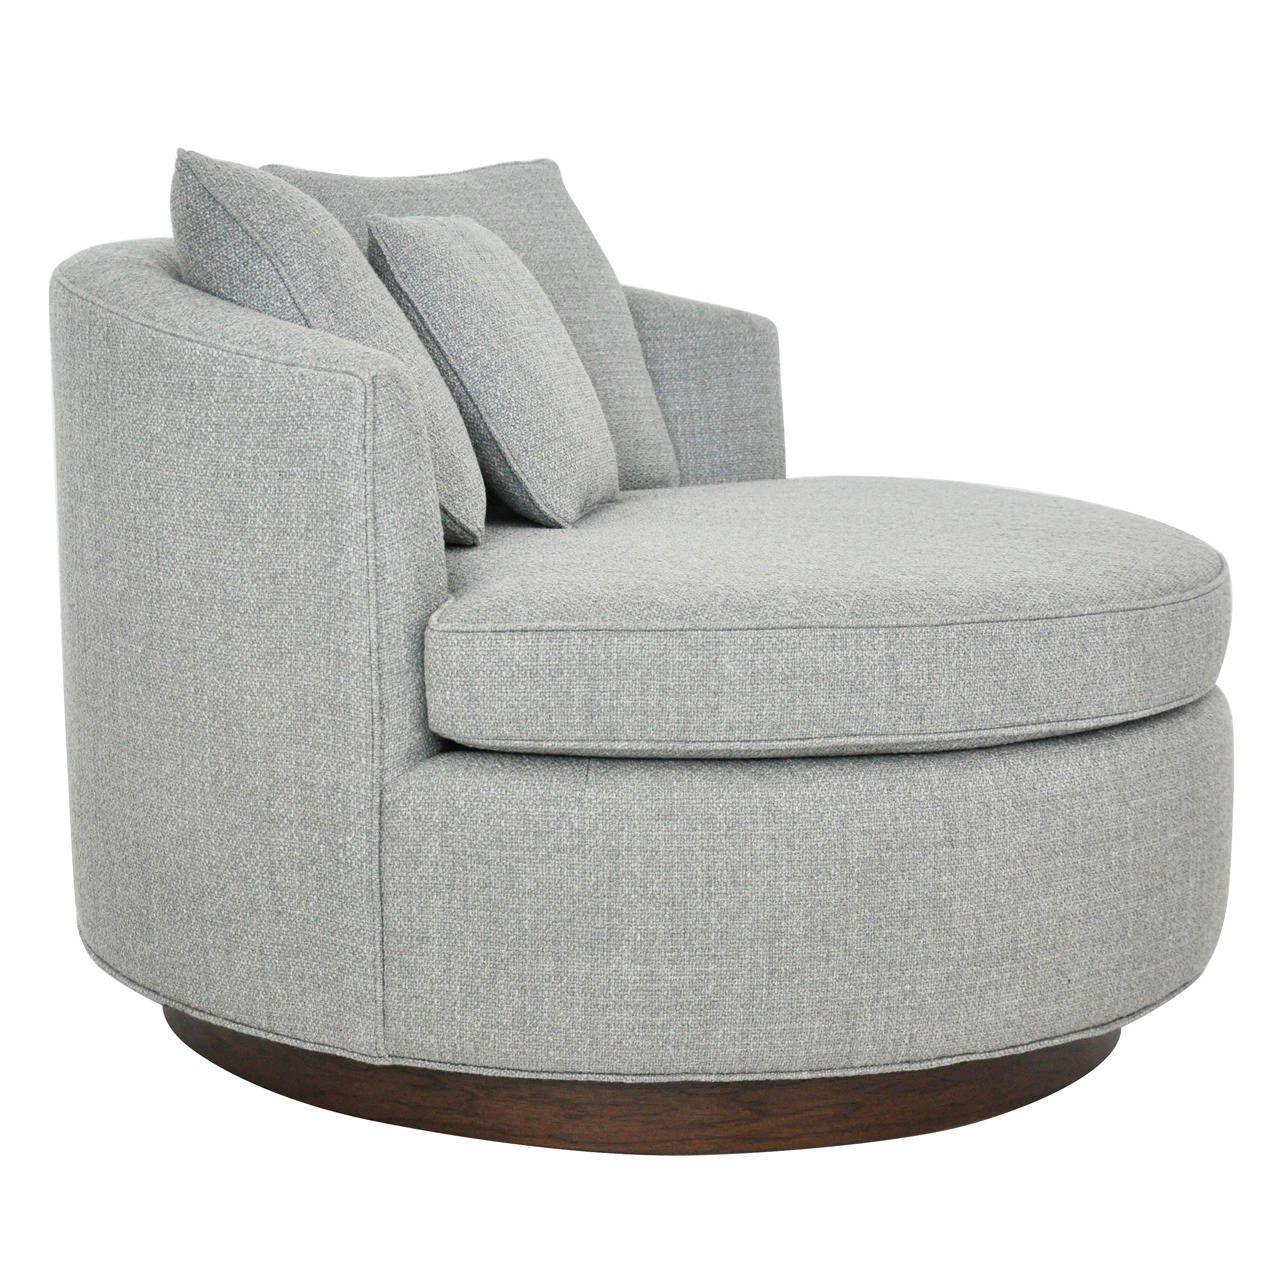 Large milo baughman swivel chair chair swivel chair